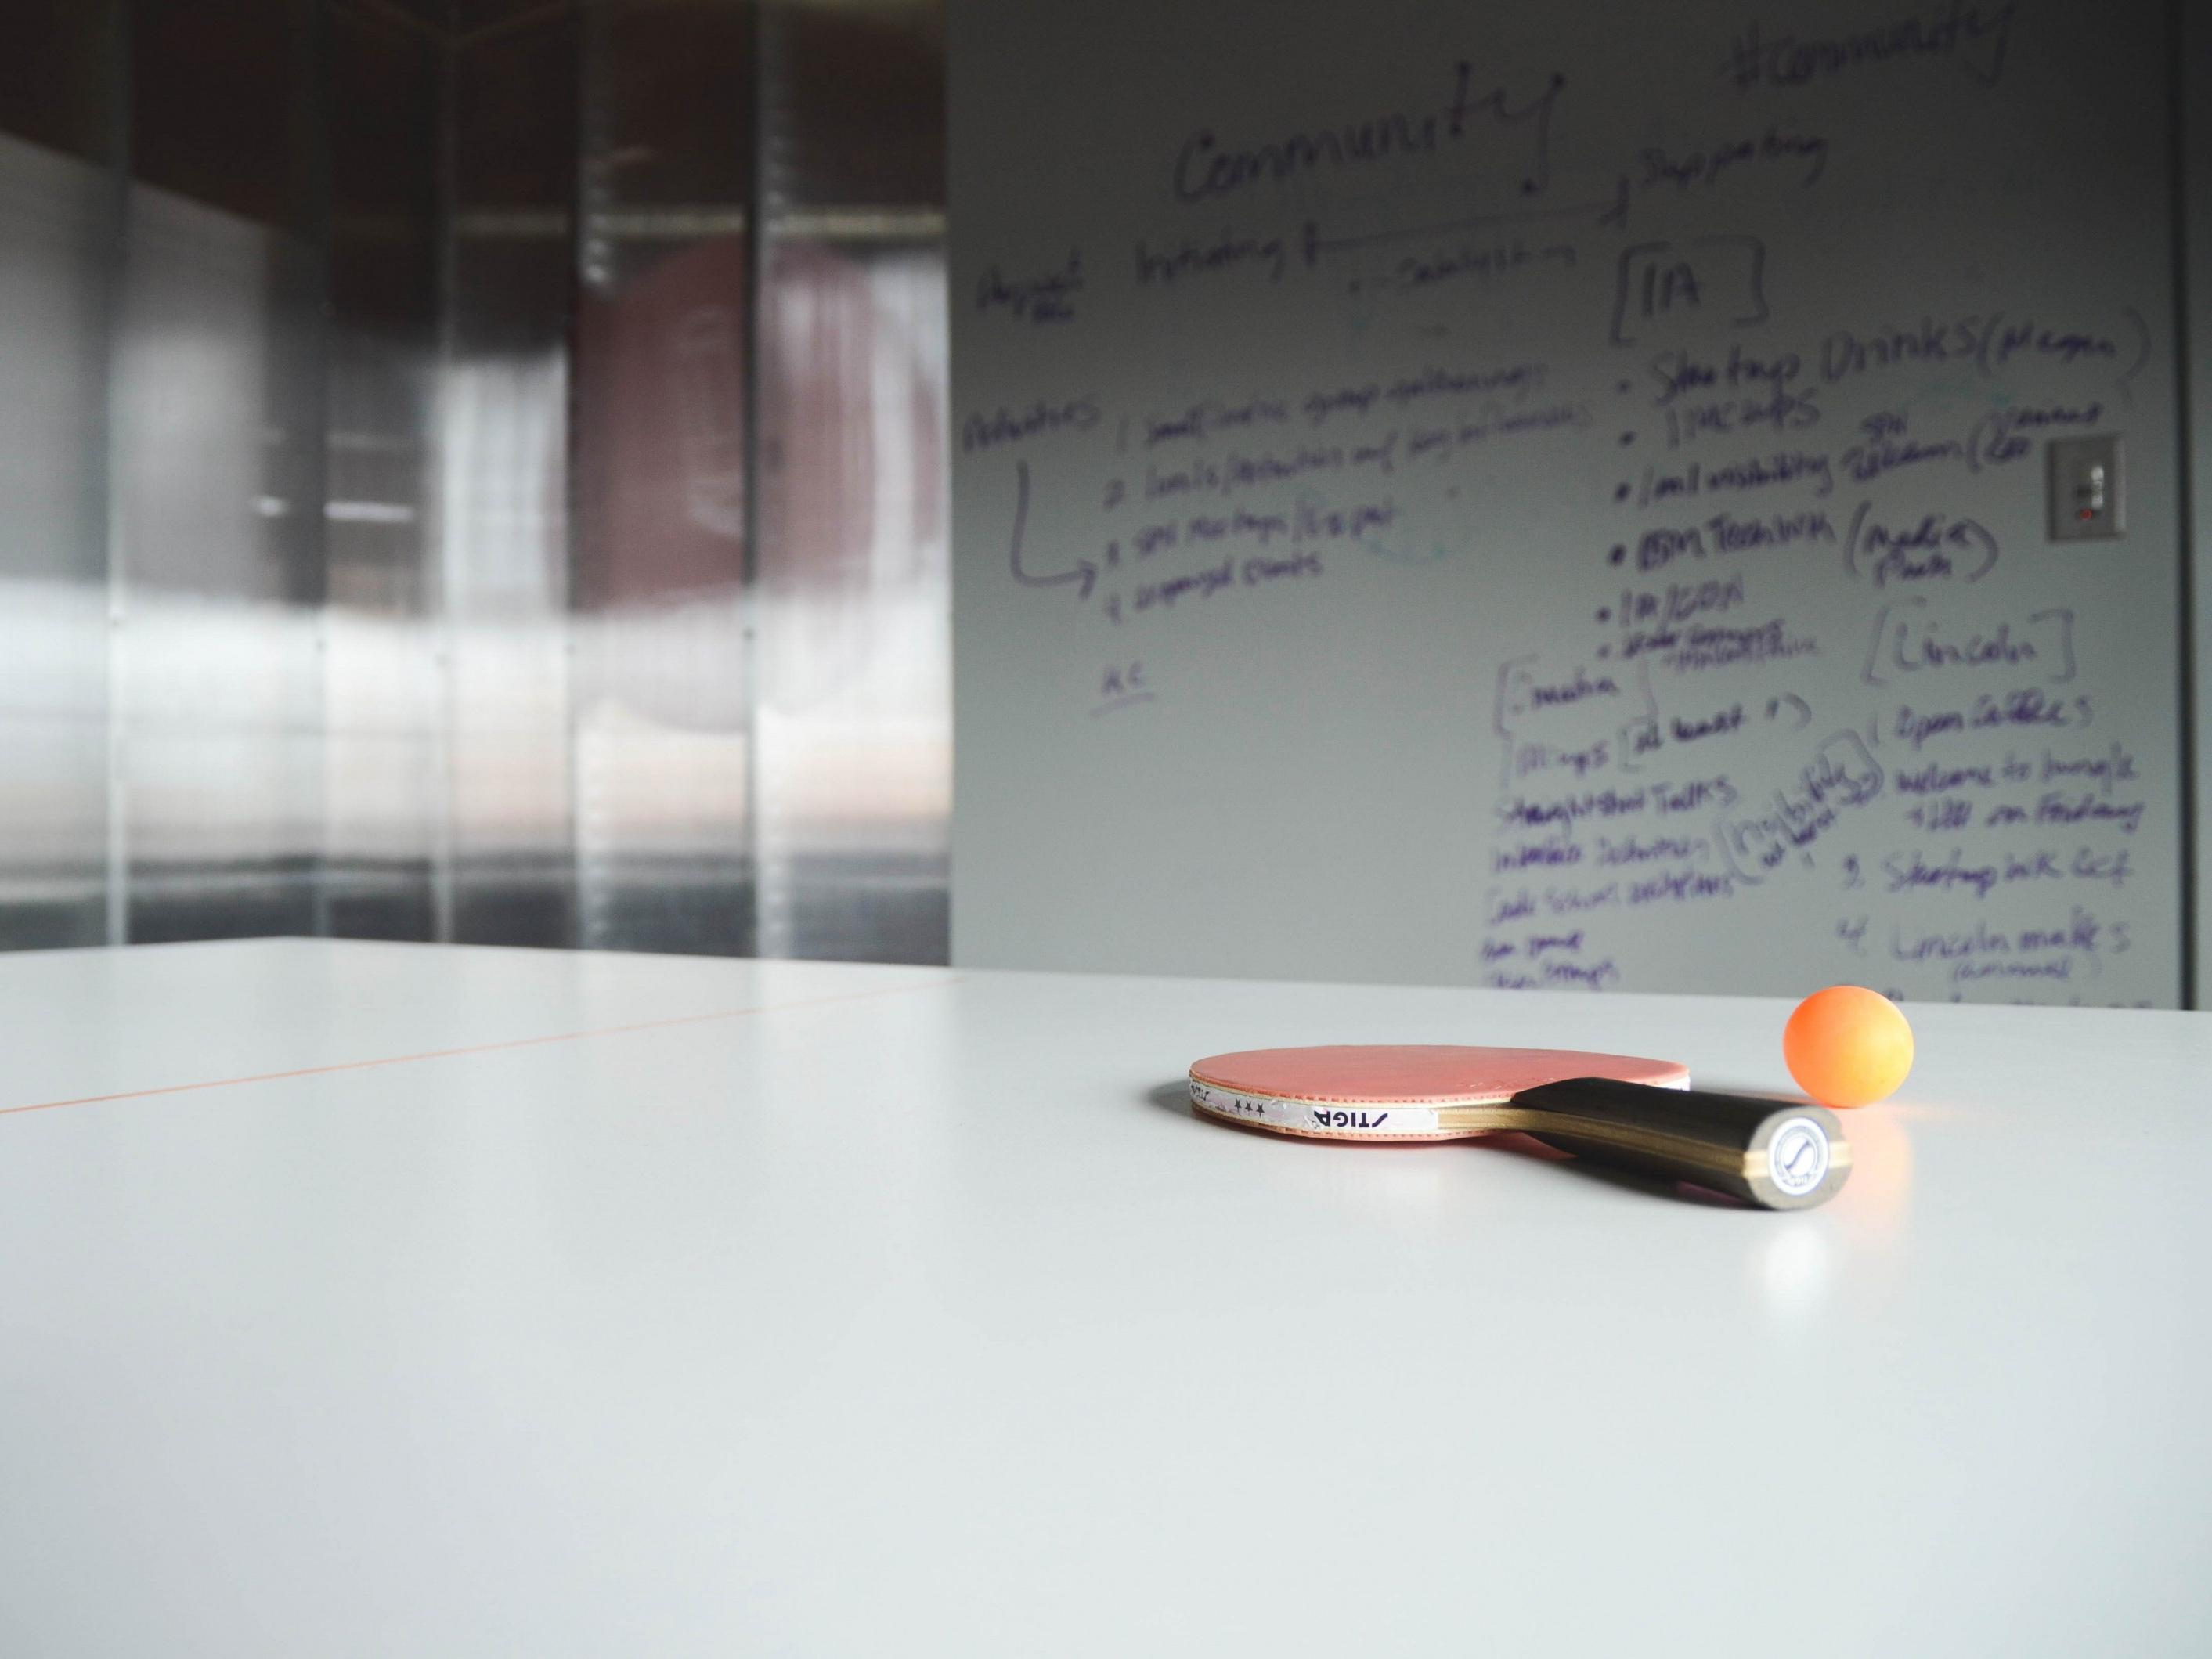 新創如何做好行銷?掌握4大常見錯誤,制定成功行銷策略